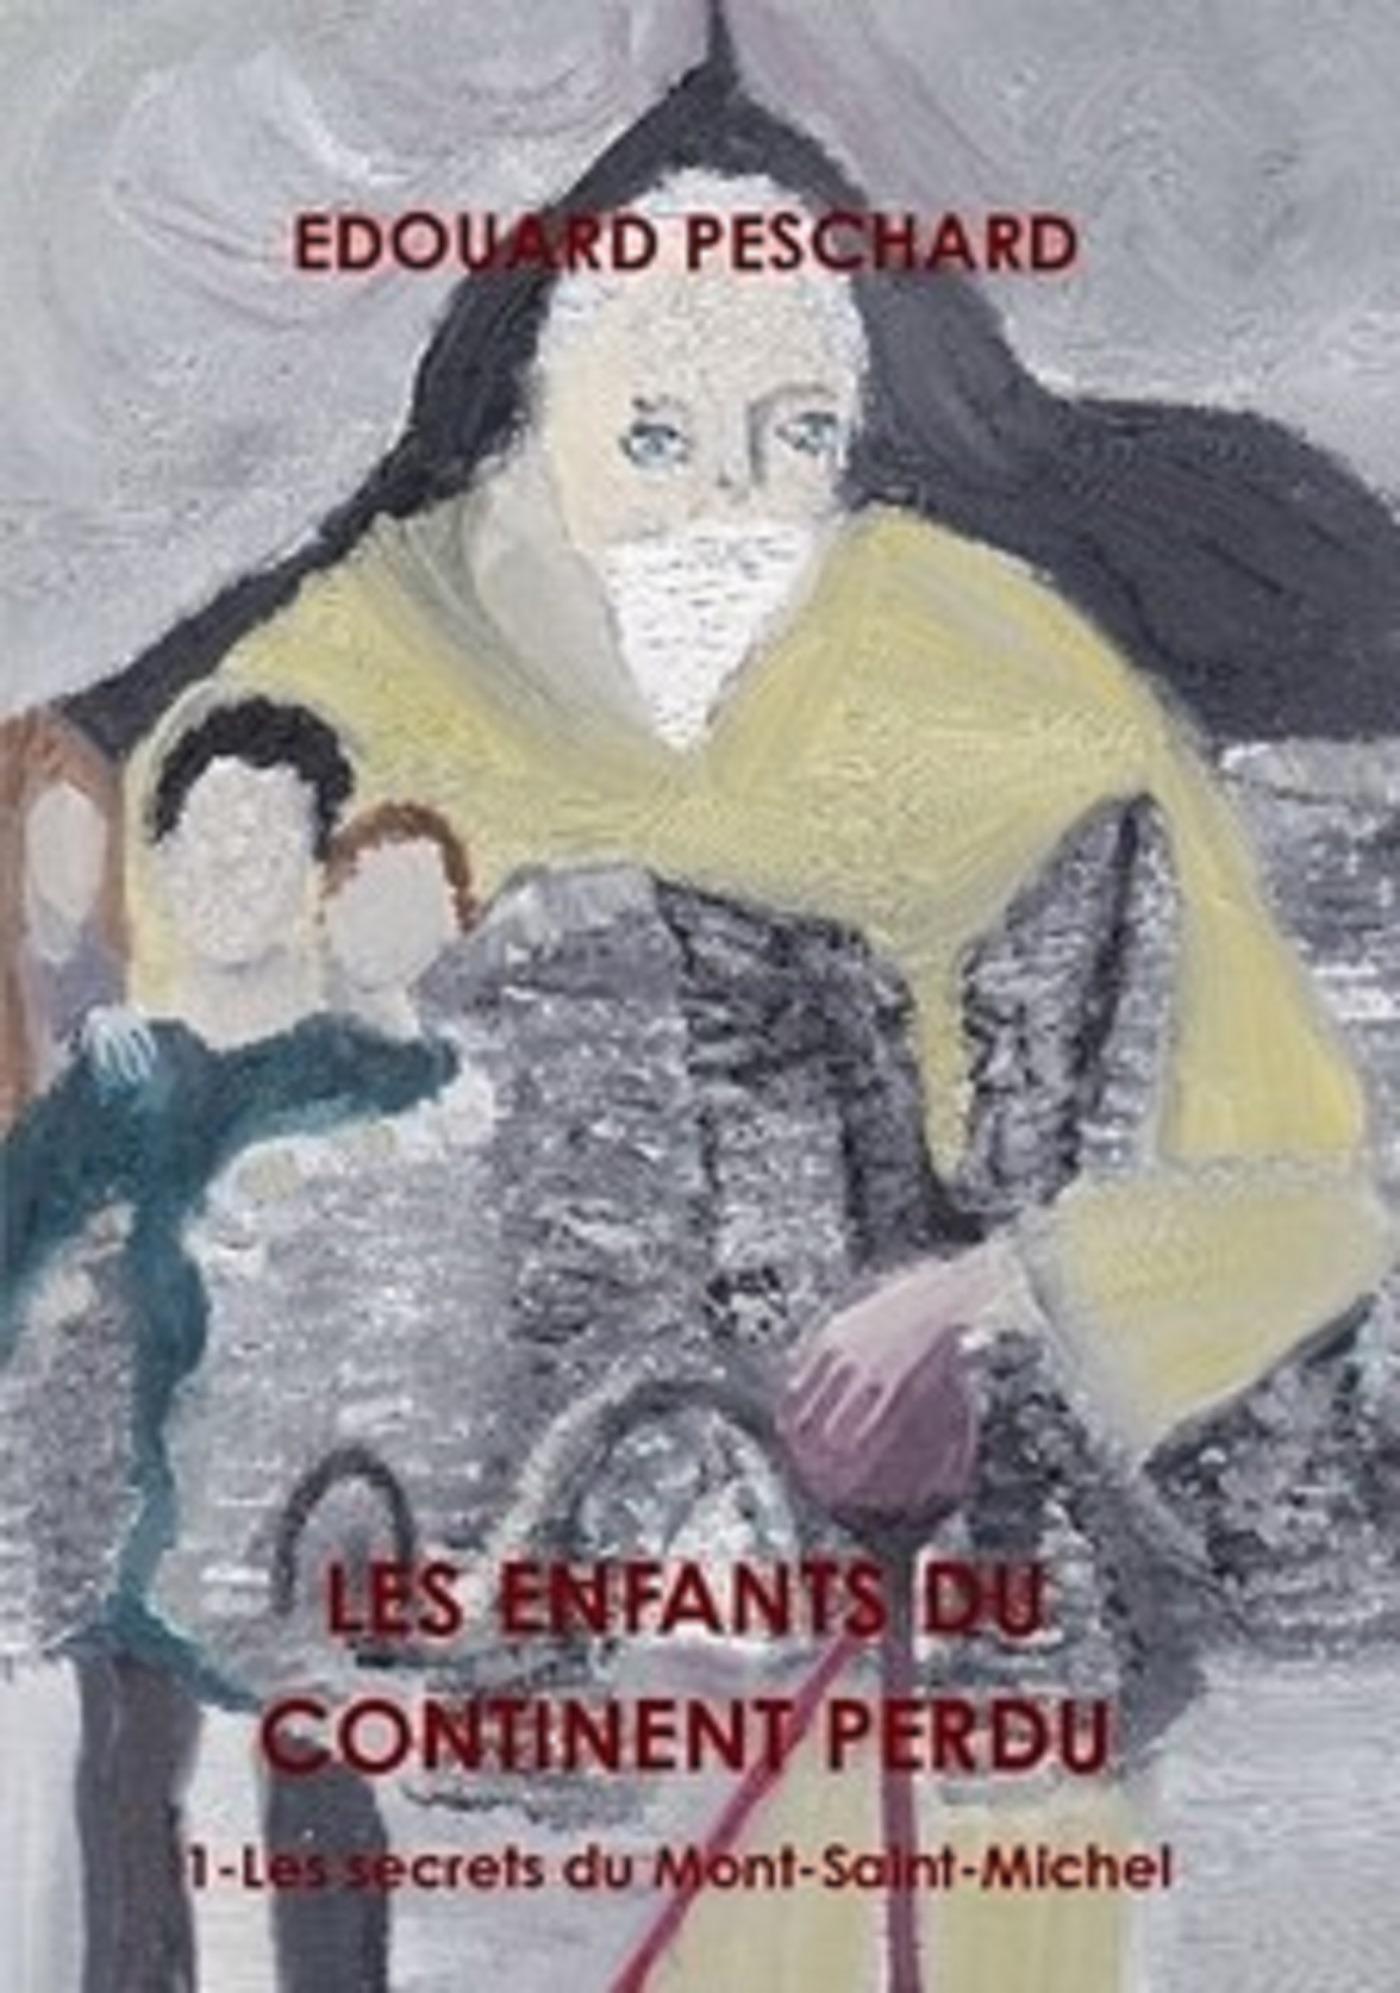 Les enfants du continent perdu*, LES SECRETS DU MONT SAINT MICHEL